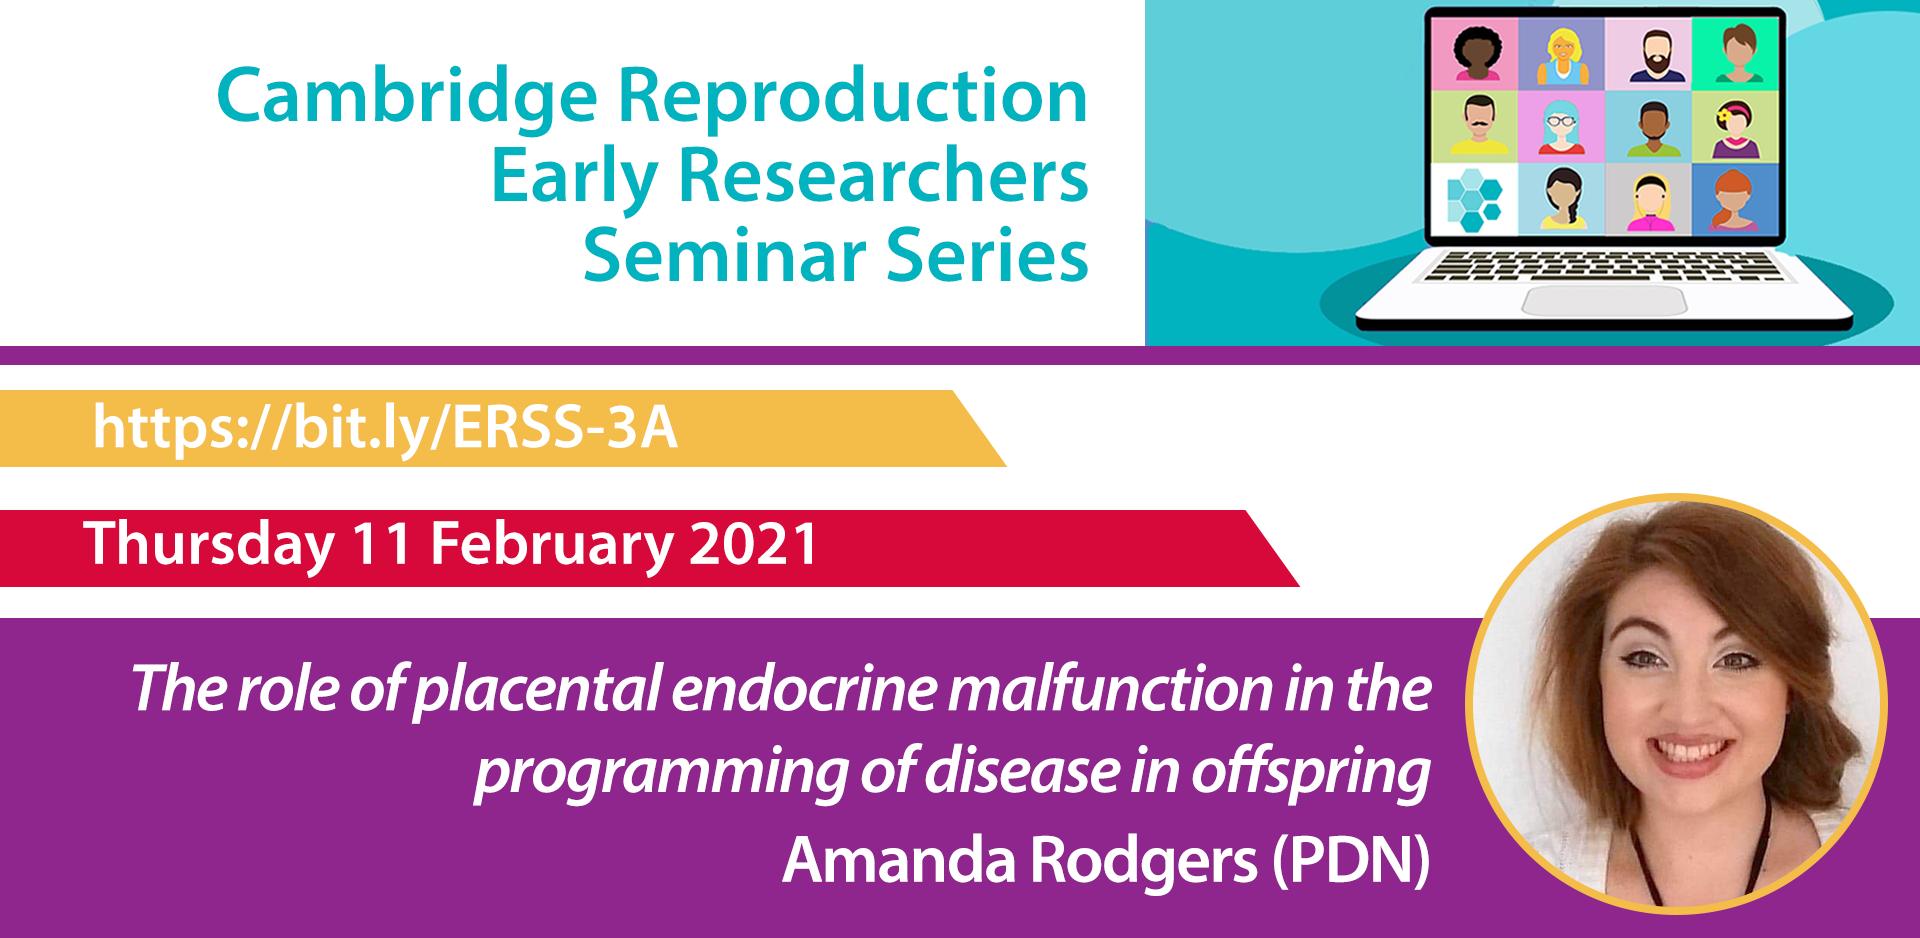 Amanda Rodgers ERSS seminar